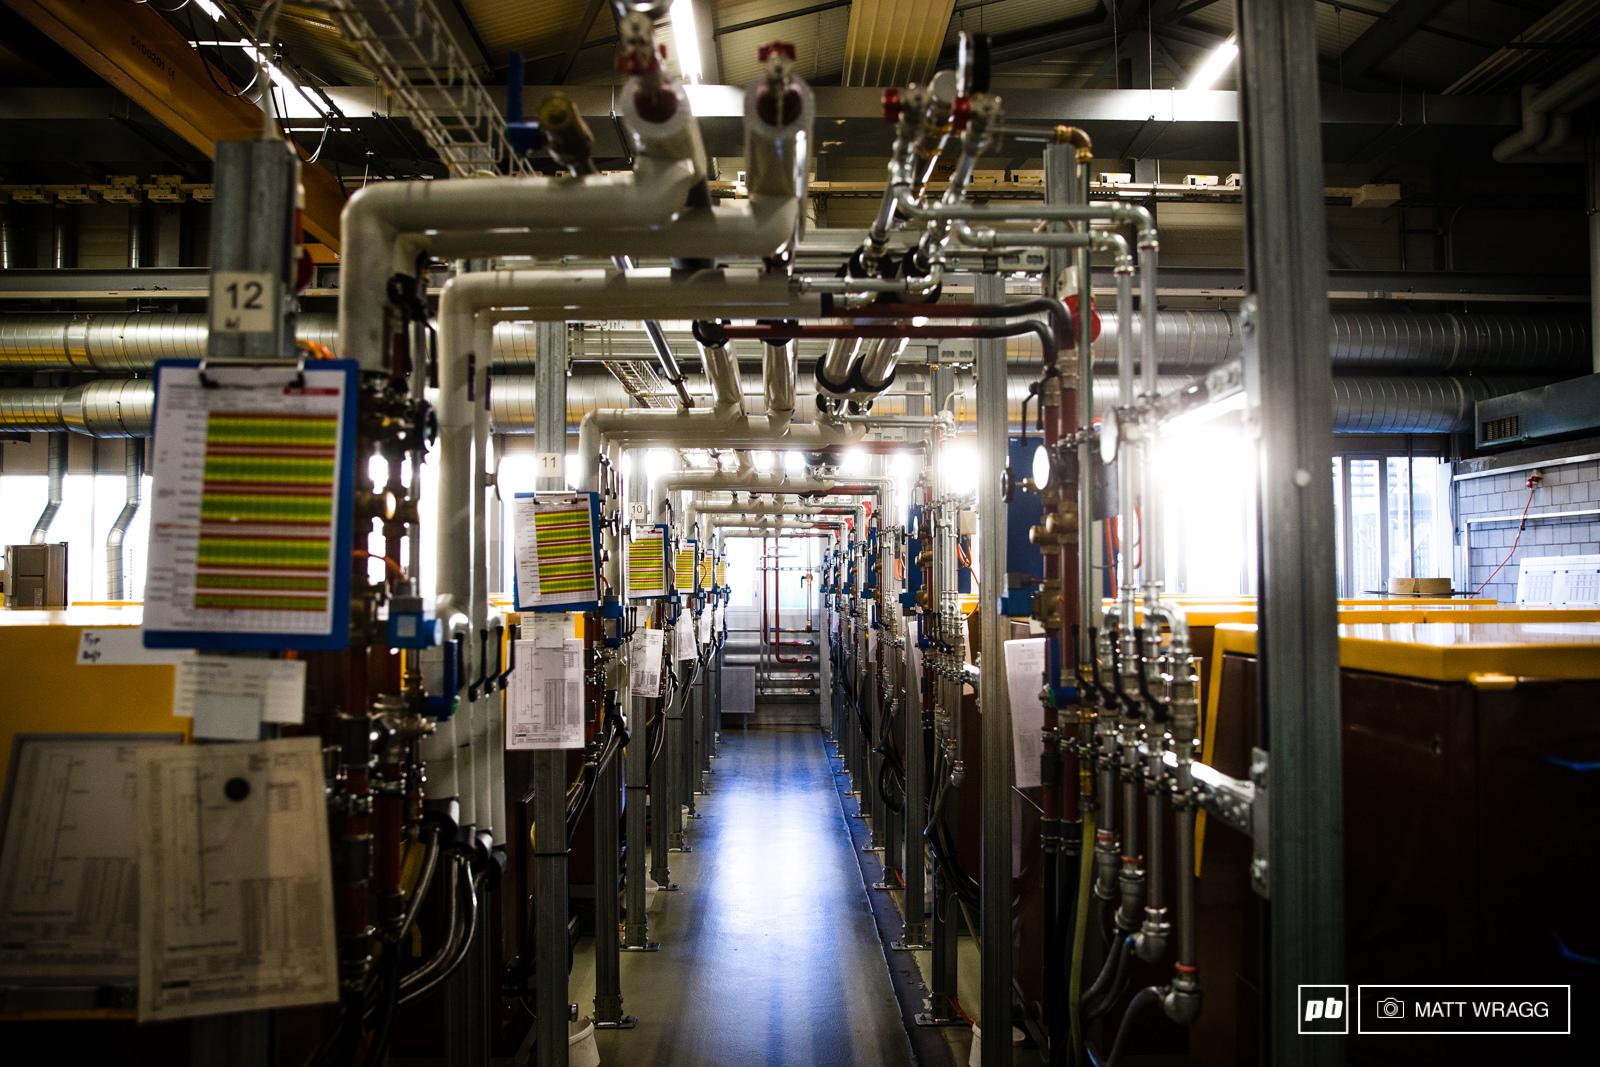 Inside DT Swiss